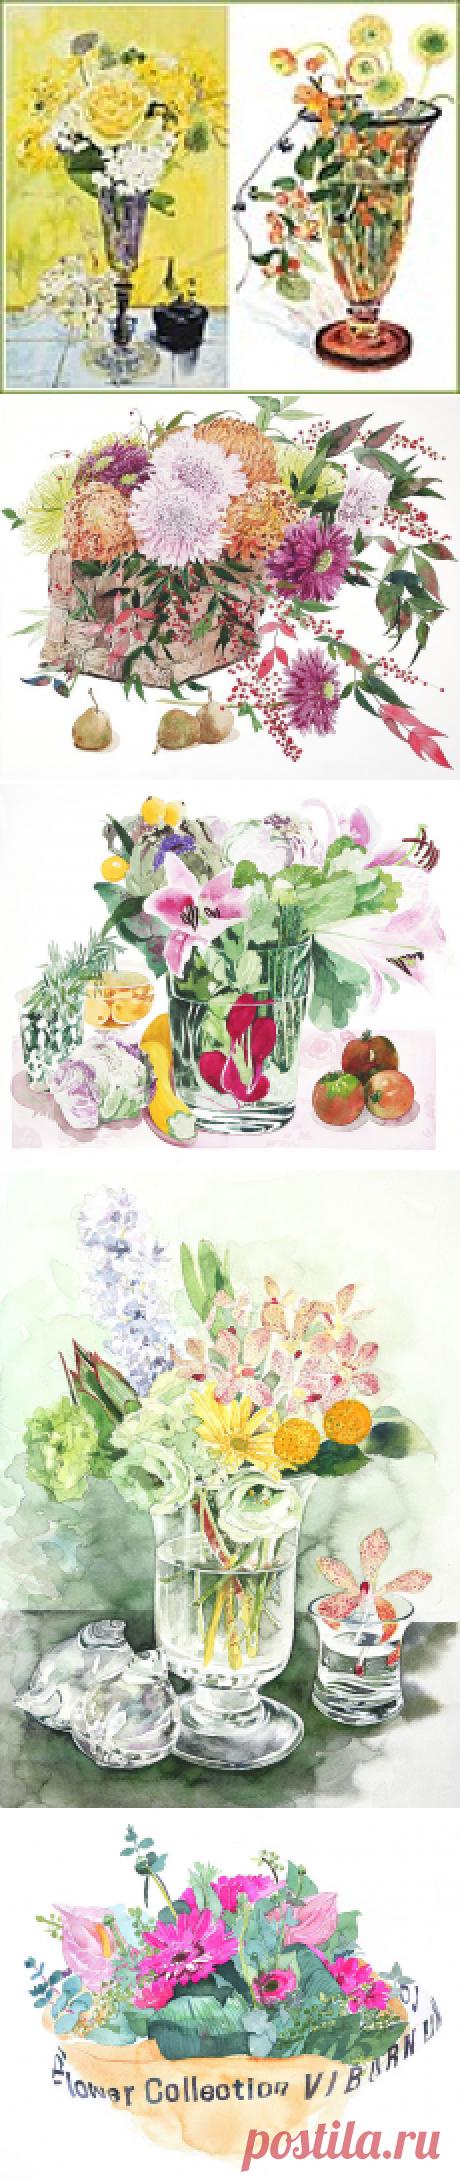 Акварельные Цветы / Аяко Тсуге